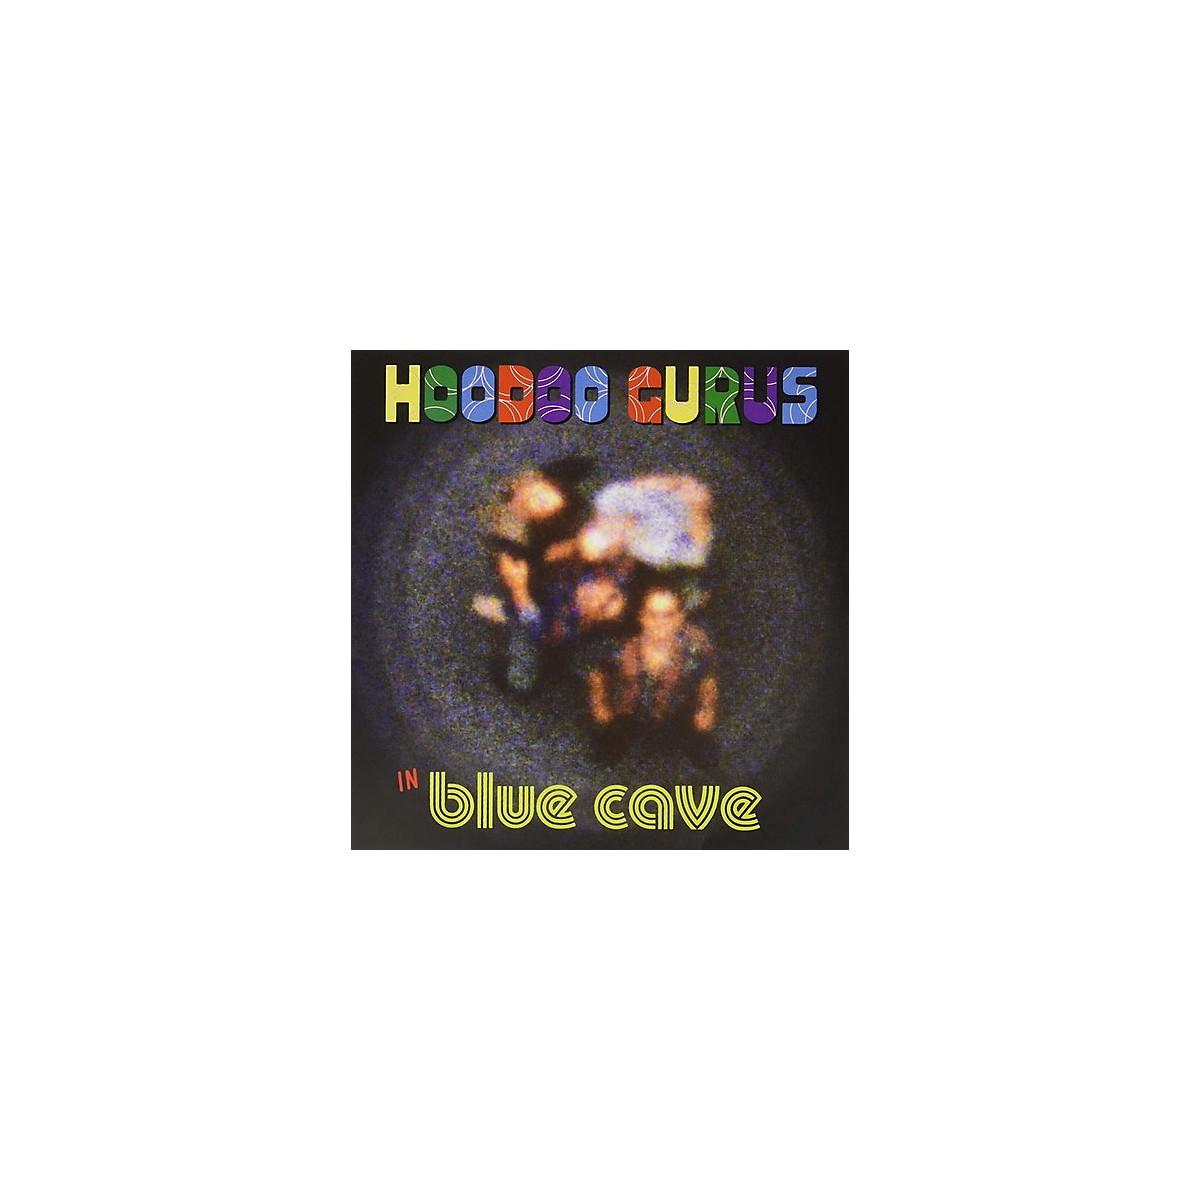 Alliance Hoodoo Gurus - Blue Cave